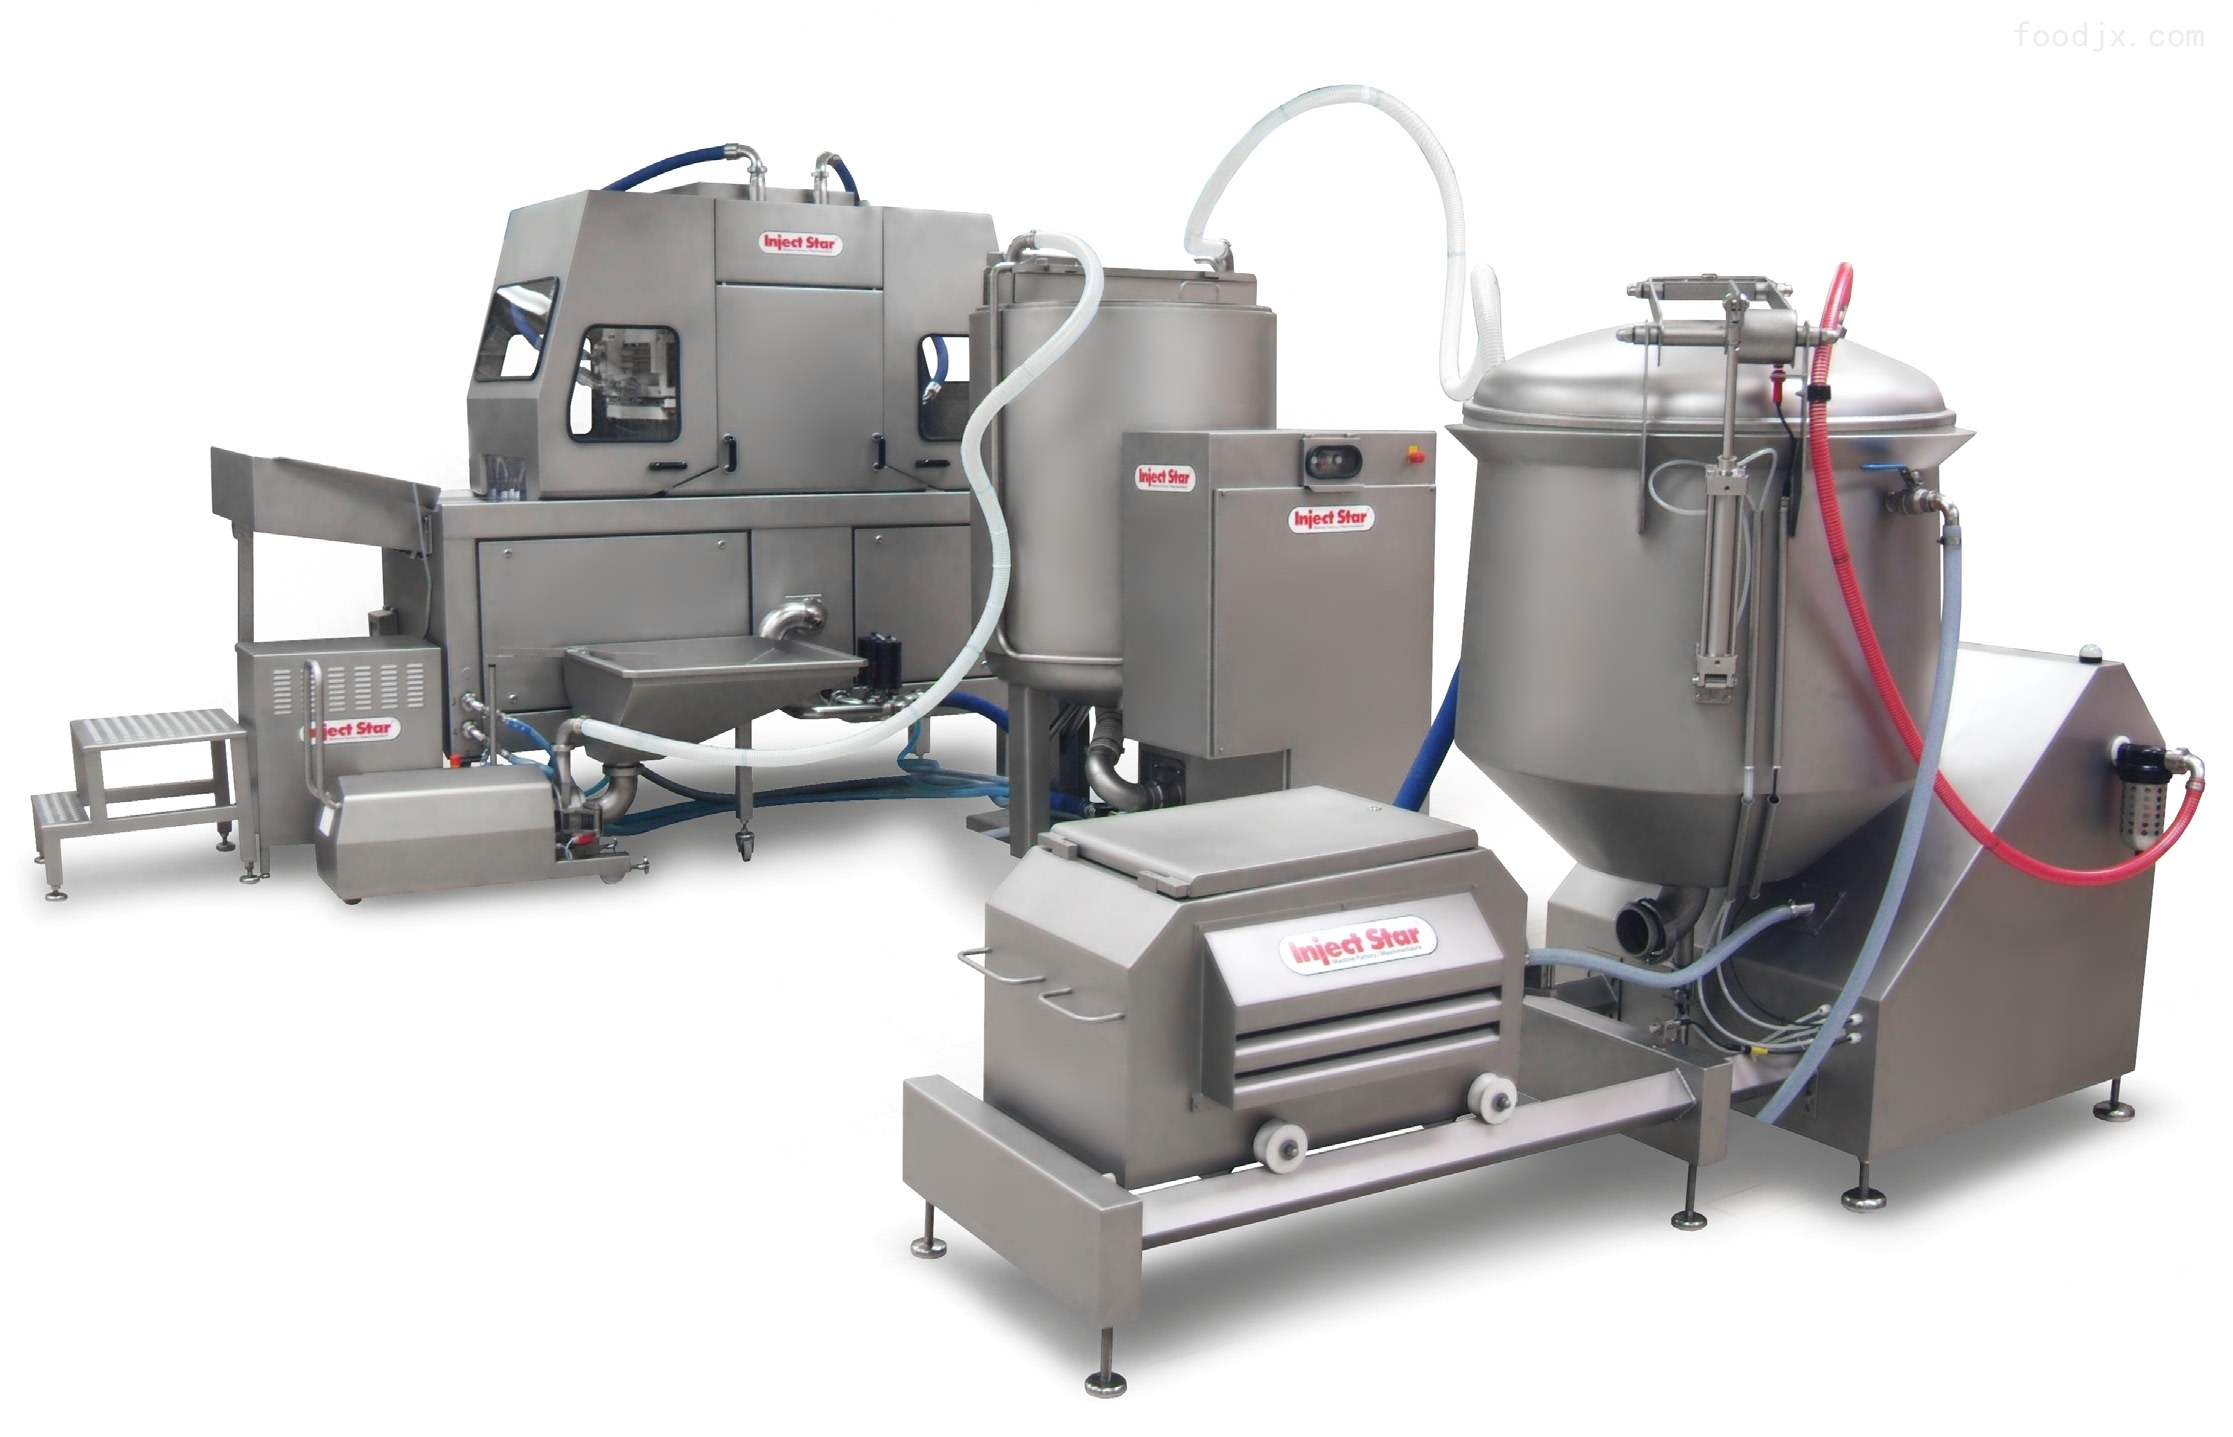 肉制品注射星 带骨肉注射机 水产注射设备